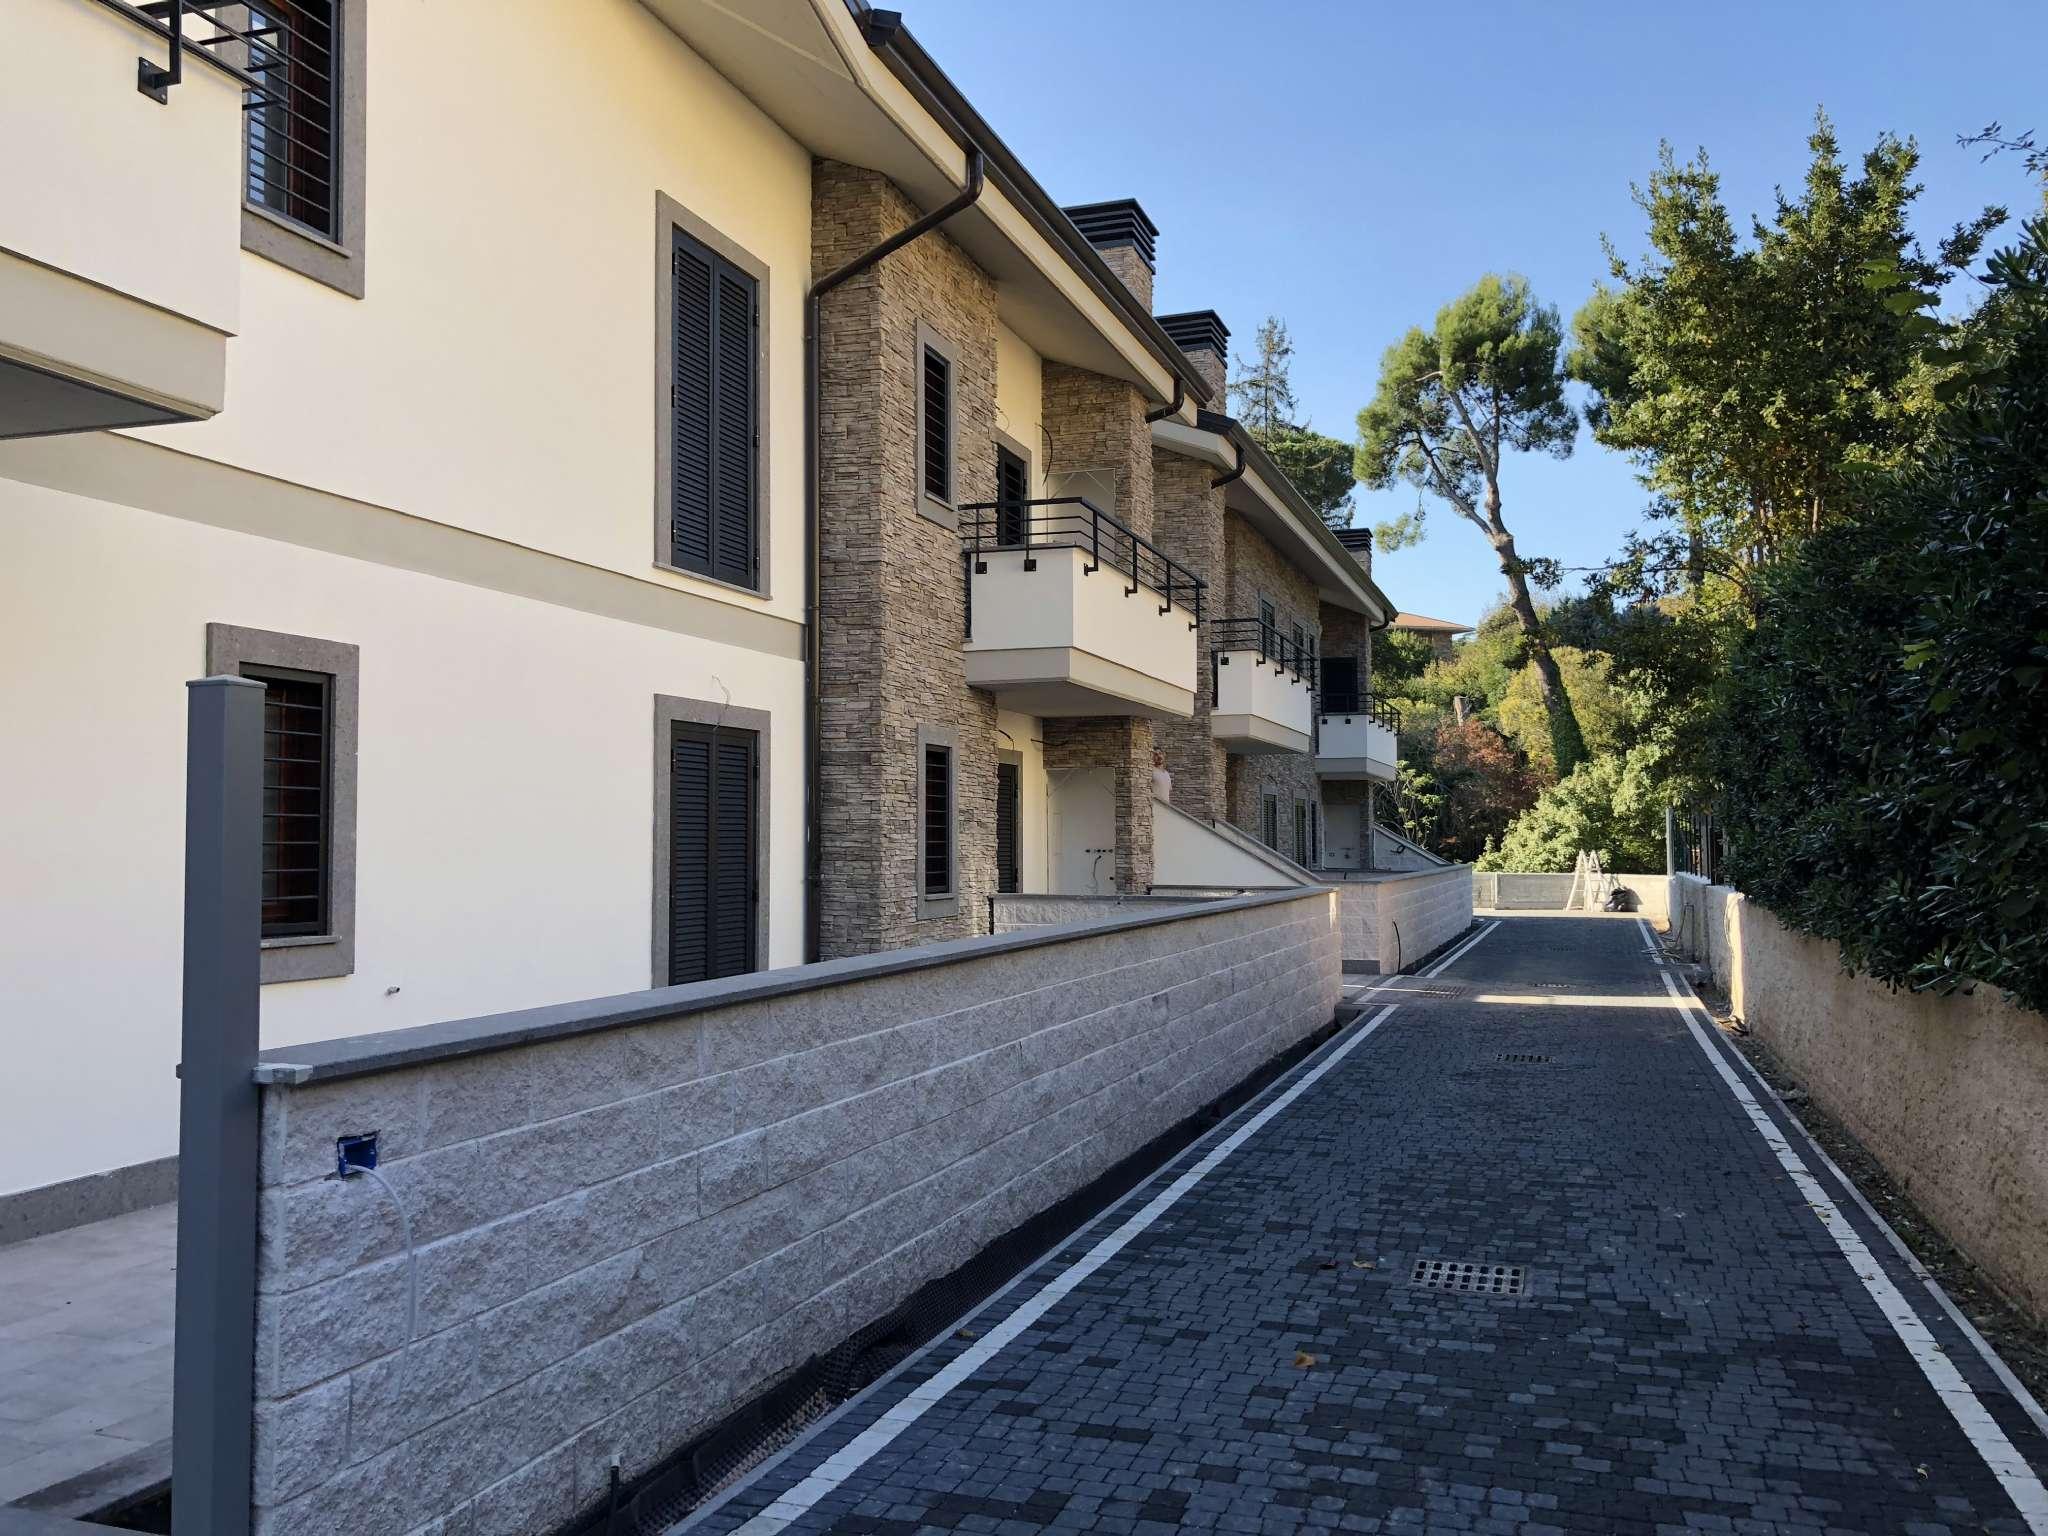 Appartamento in vendita a Grottaferrata, 4 locali, prezzo € 359.000 | CambioCasa.it